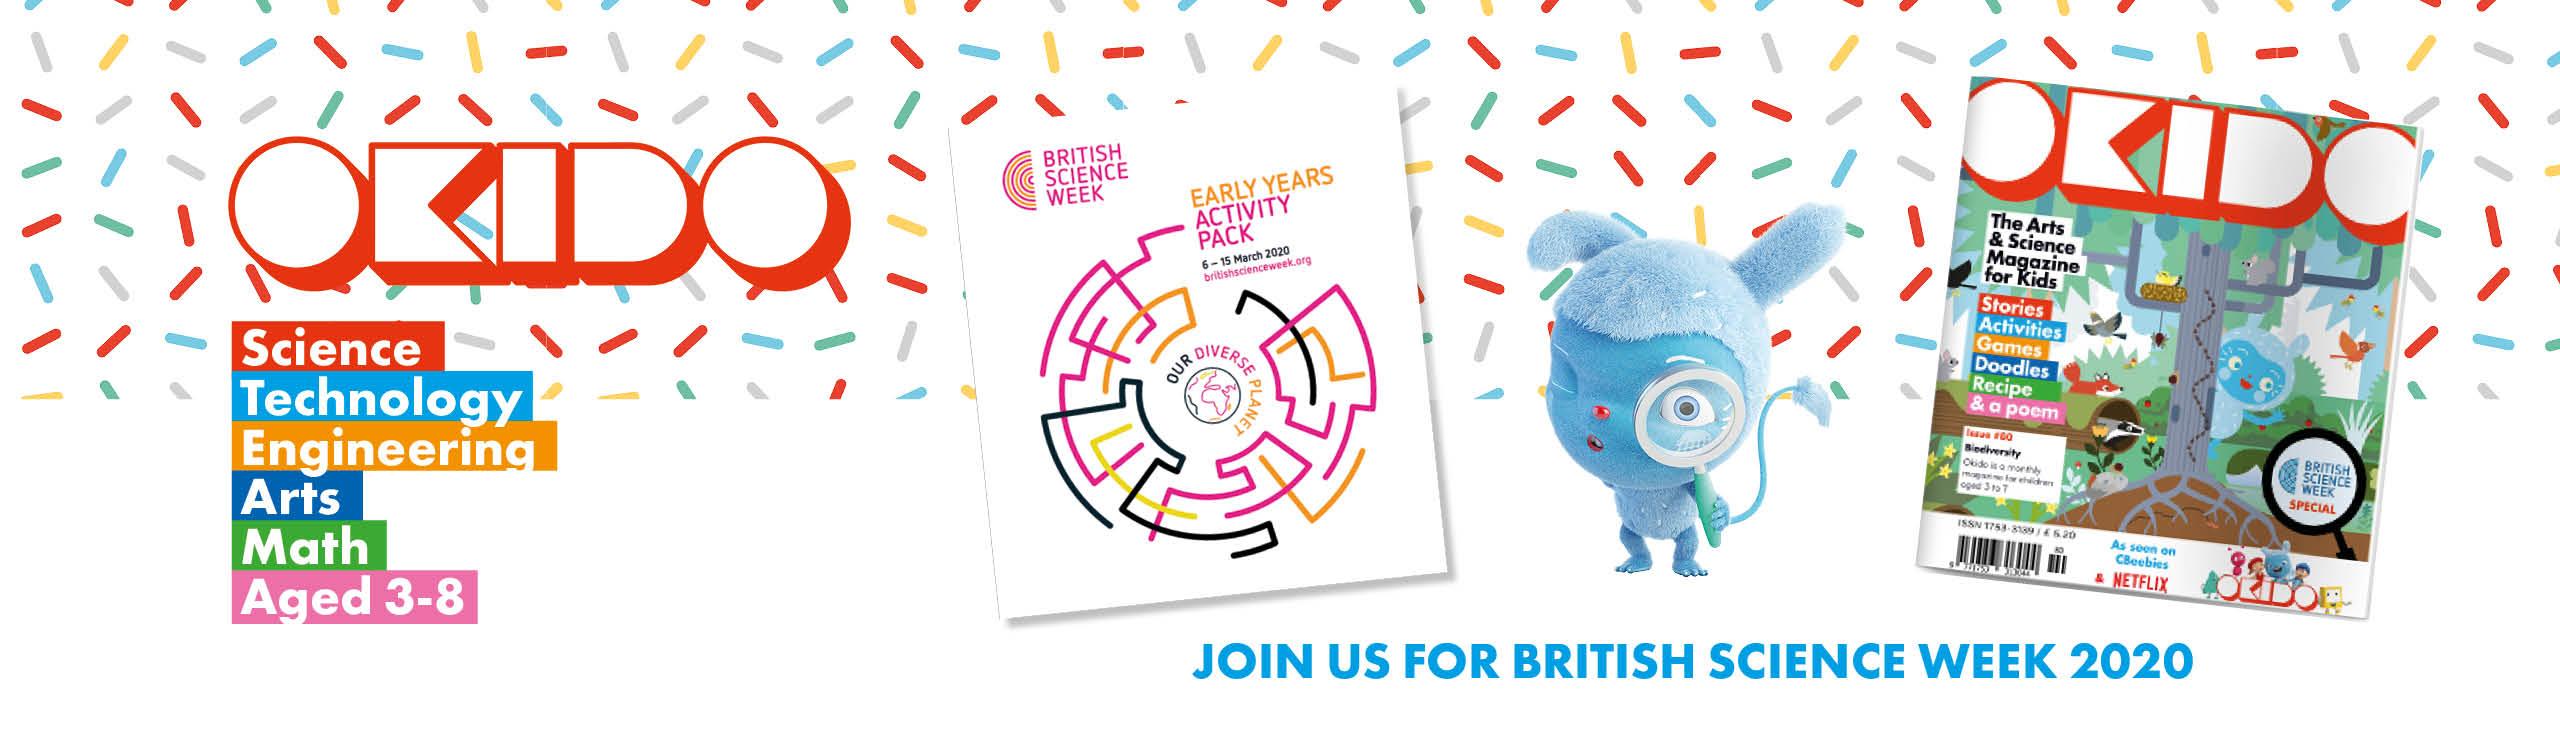 British Science Week Video Playlist